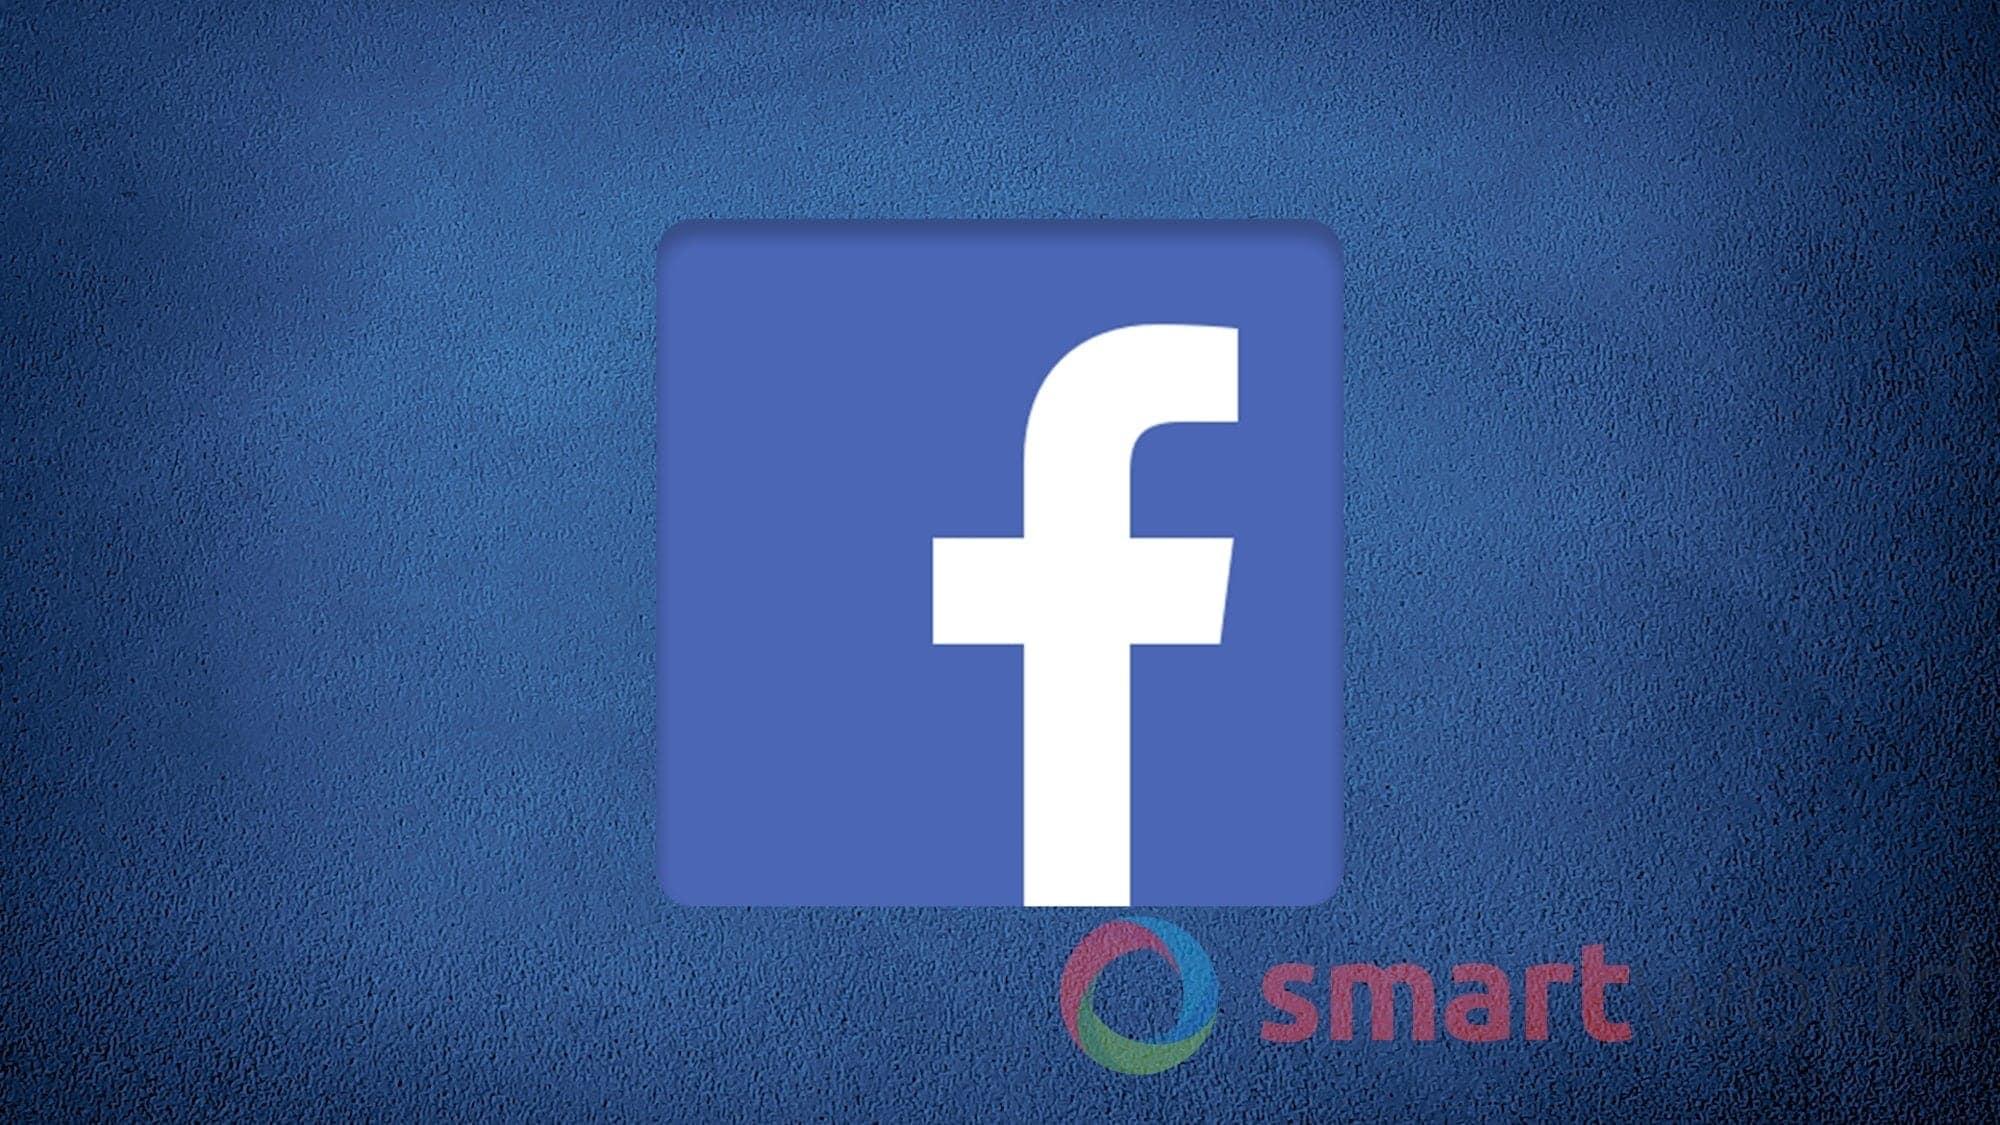 Anche Facebook potrebbe presto aiutarvi a migliorare le vostre immagini (foto)